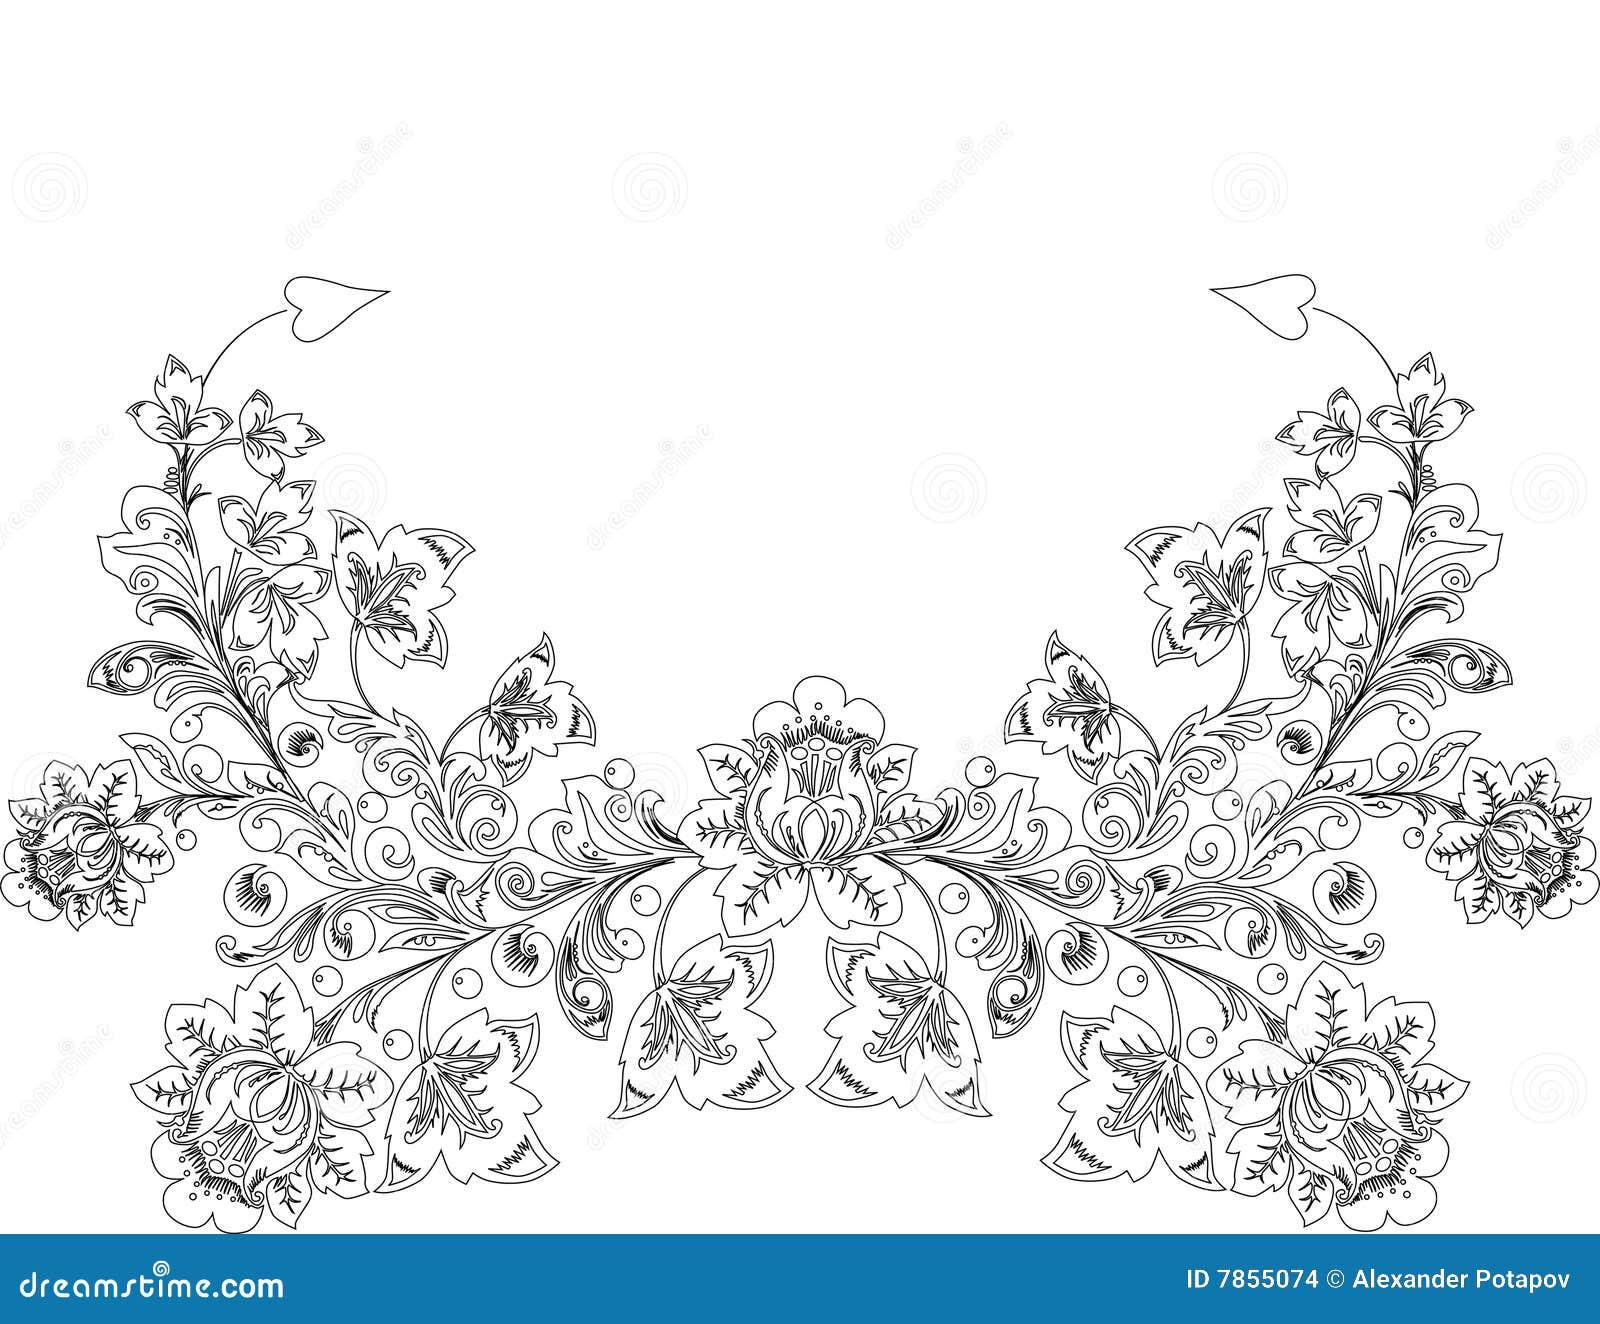 blak graphic flower outline stock illustration illustration of leaf flower 7855074. Black Bedroom Furniture Sets. Home Design Ideas